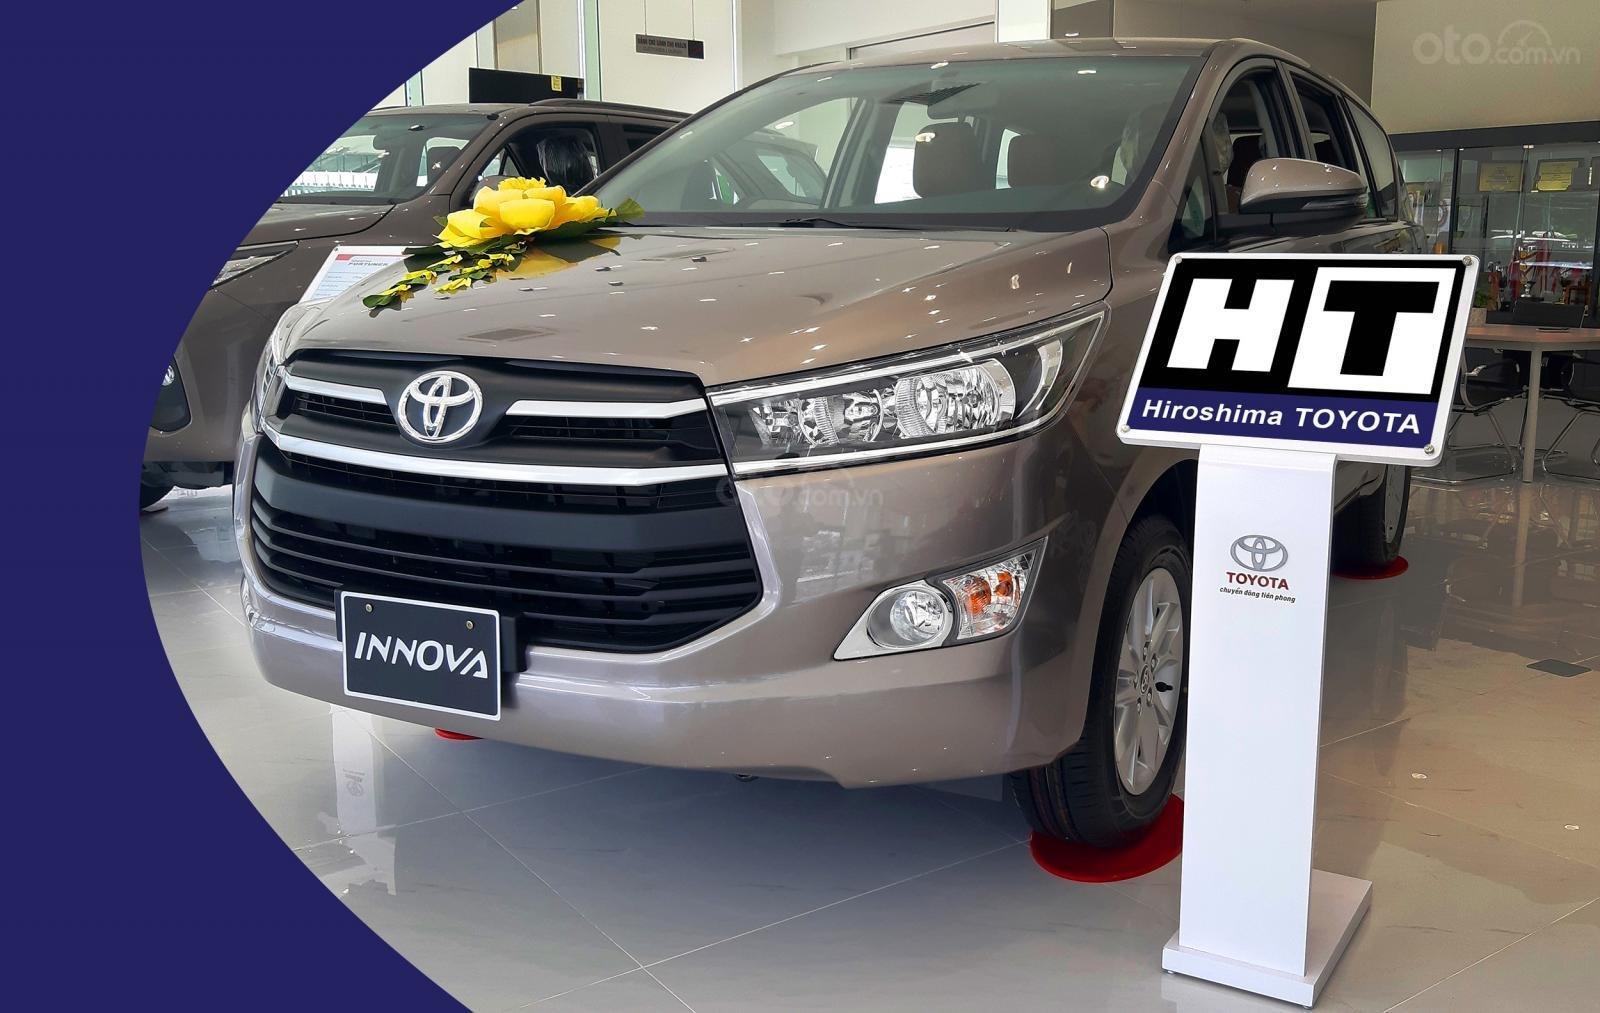 Toyota Innova E 2020 - Đại lý cấp 1- Đập thùng 142tr + phí lấy xe, vay 80% góp lãi thấp (1)